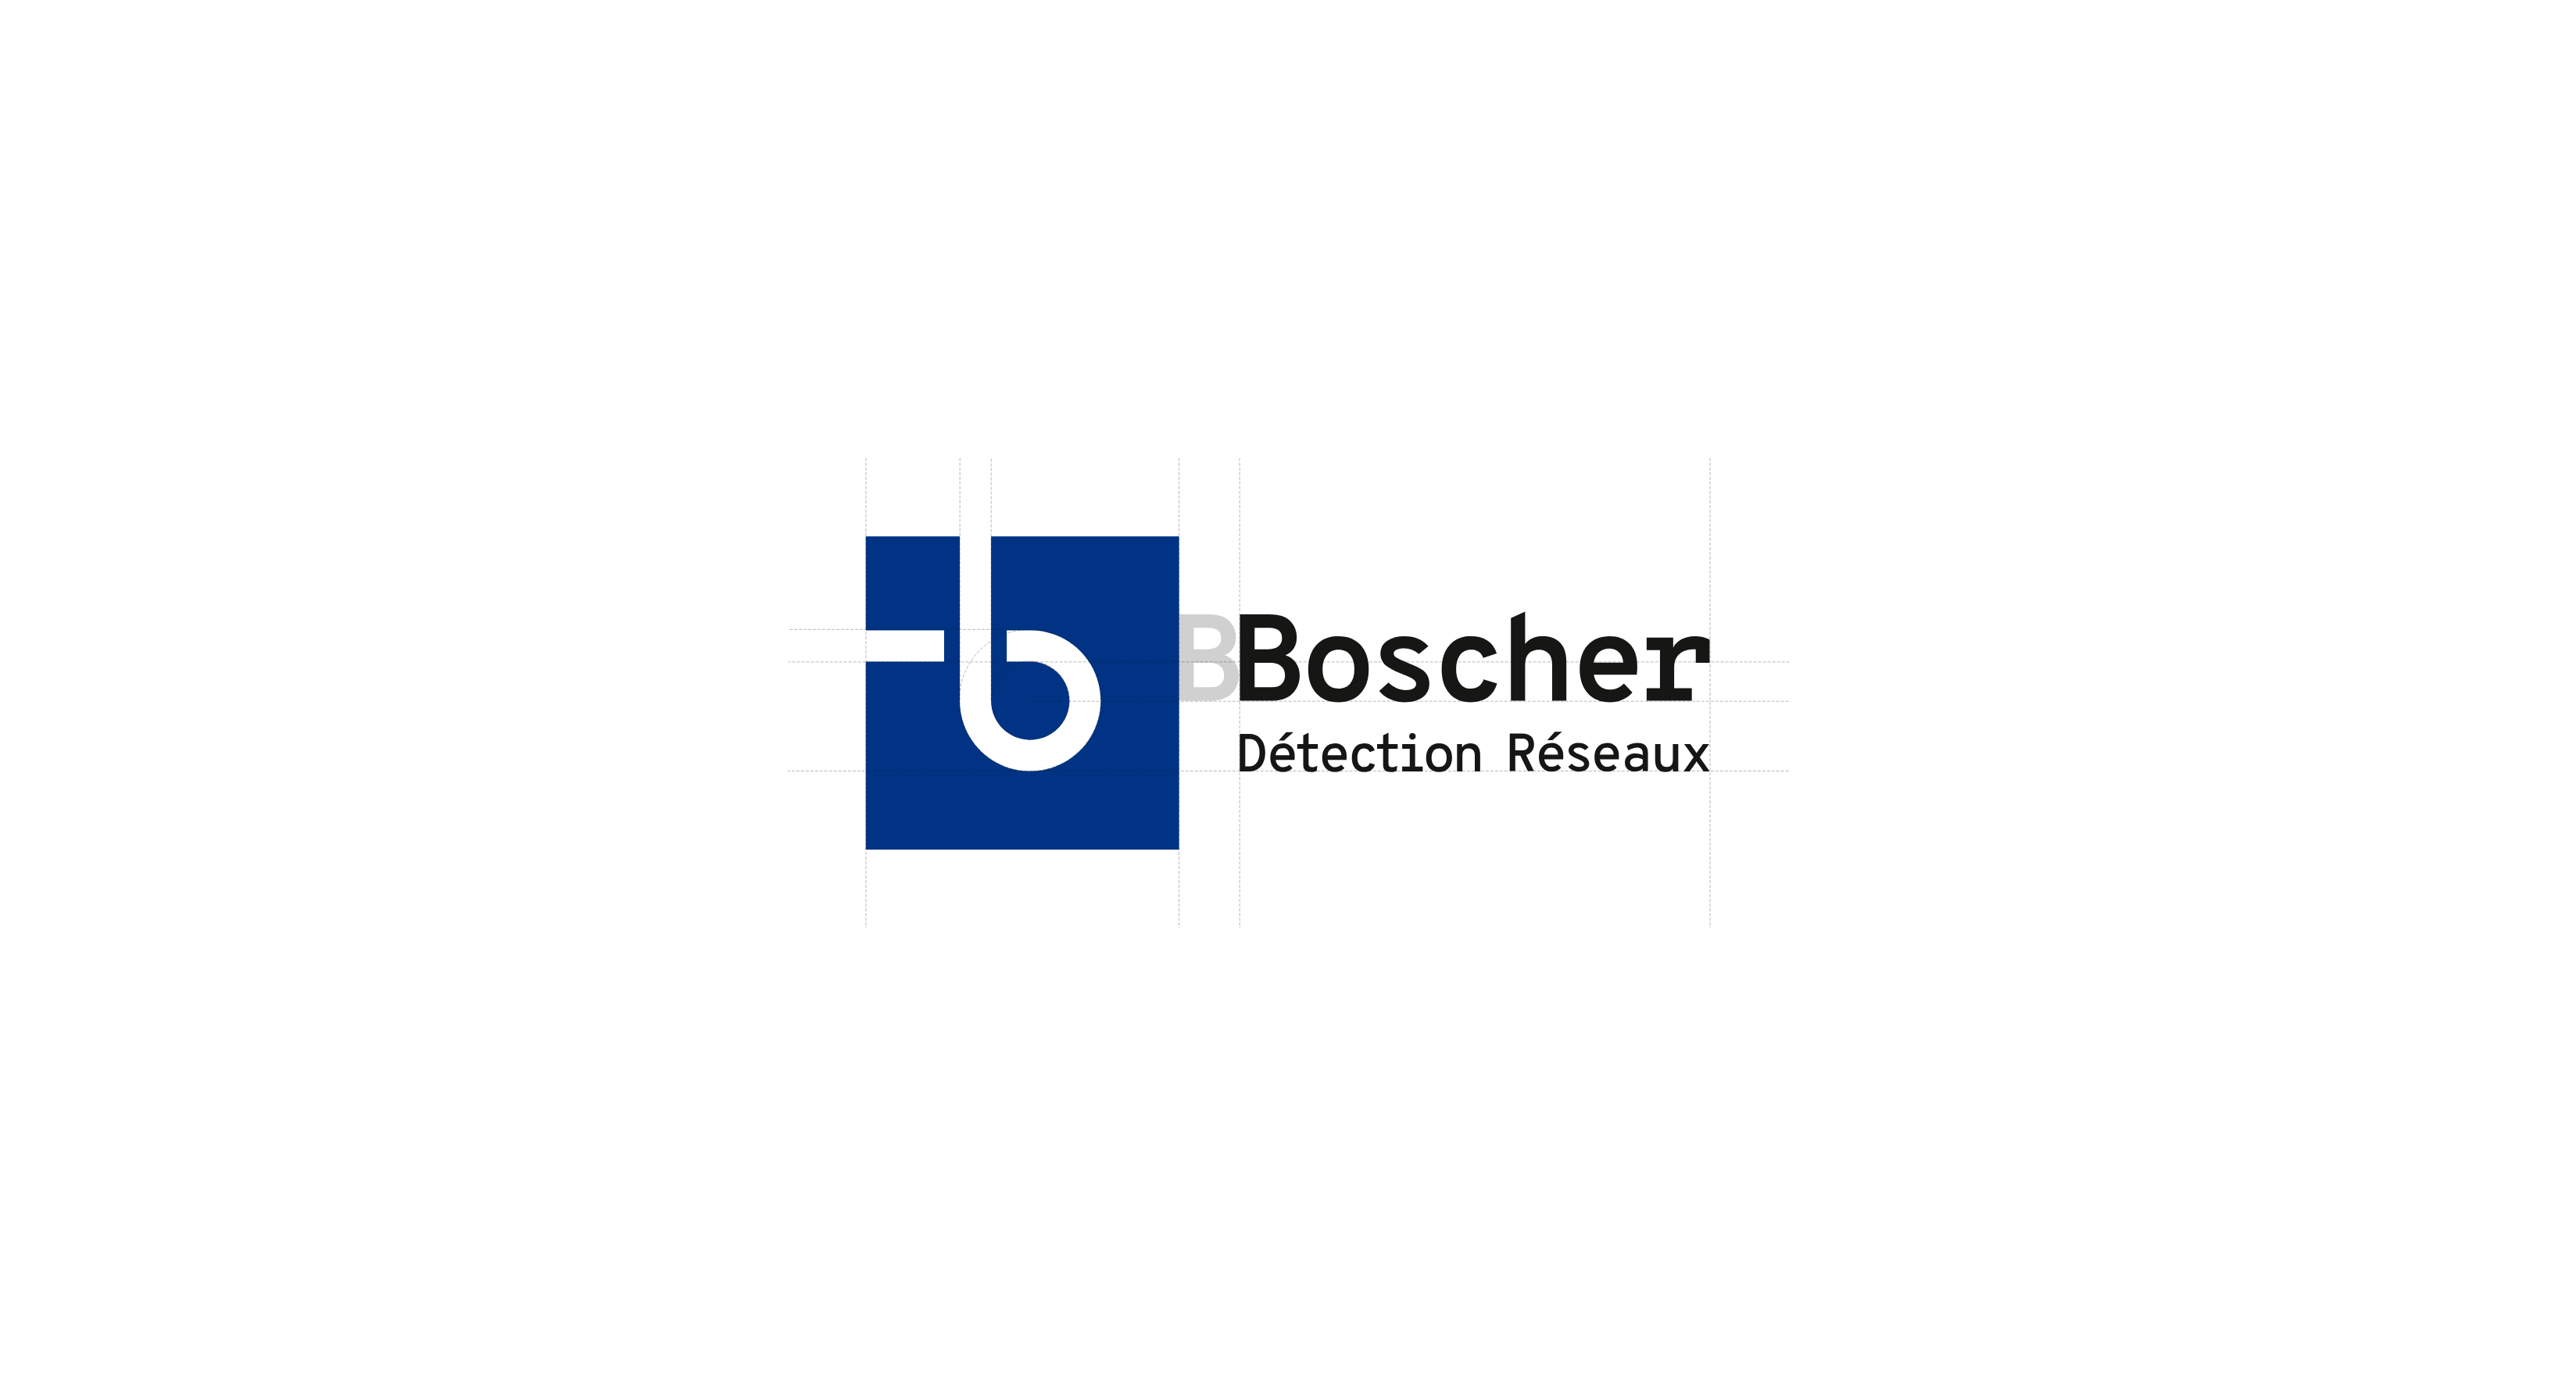 Le logo Boscher Détection Réseaux